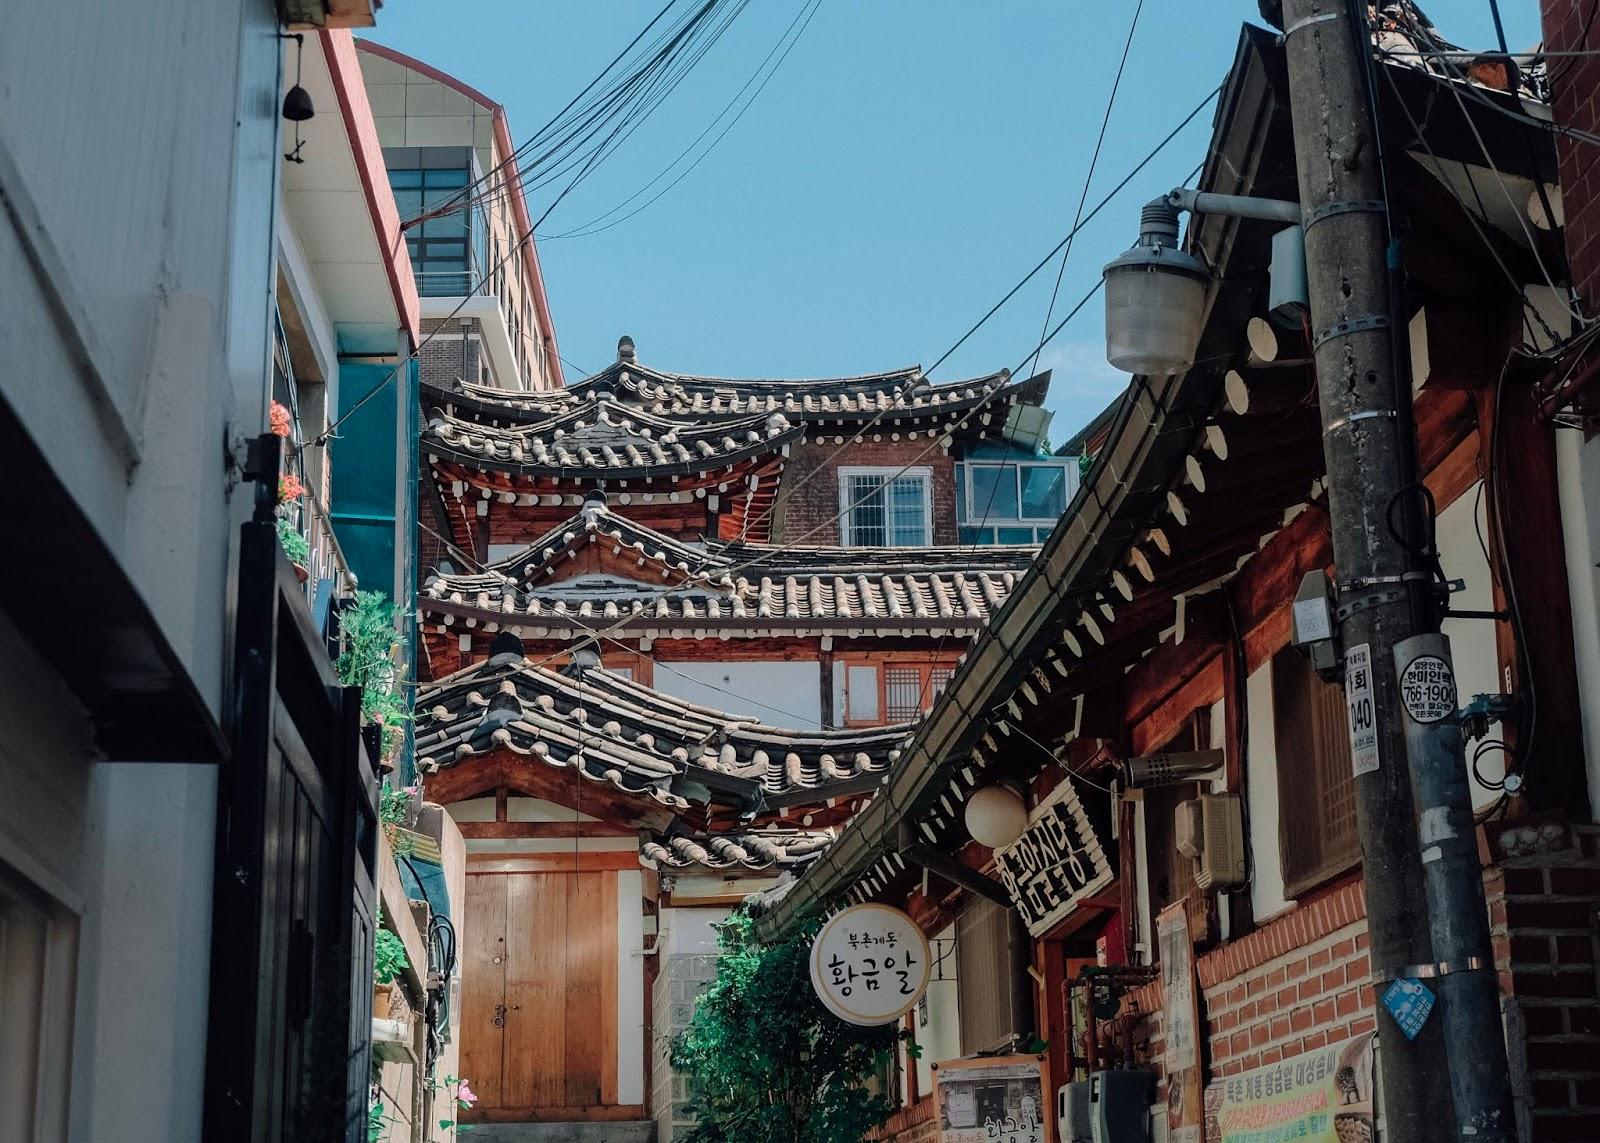 Bukchon Hanok Village Seoul Korea Curitan Aqalili